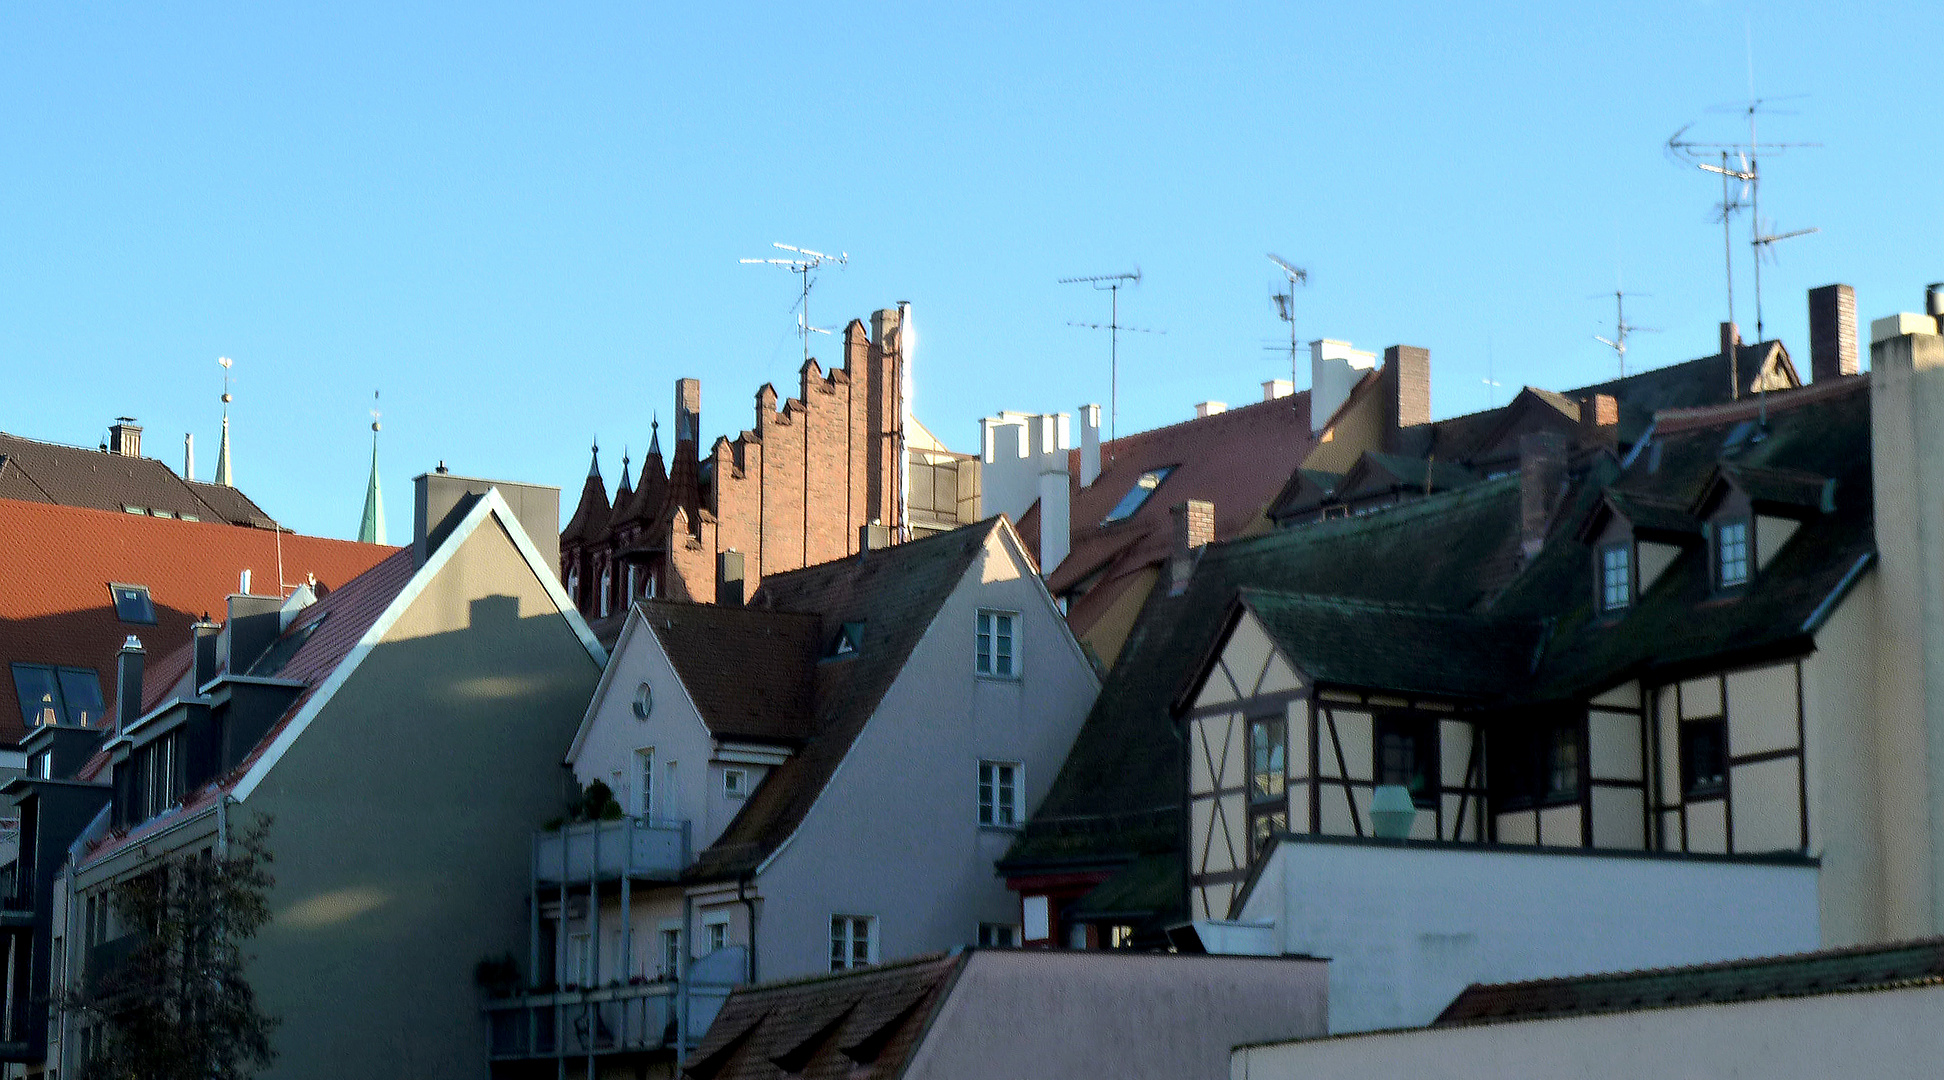 über den Dächern von Nürnbergs Innenschtadt